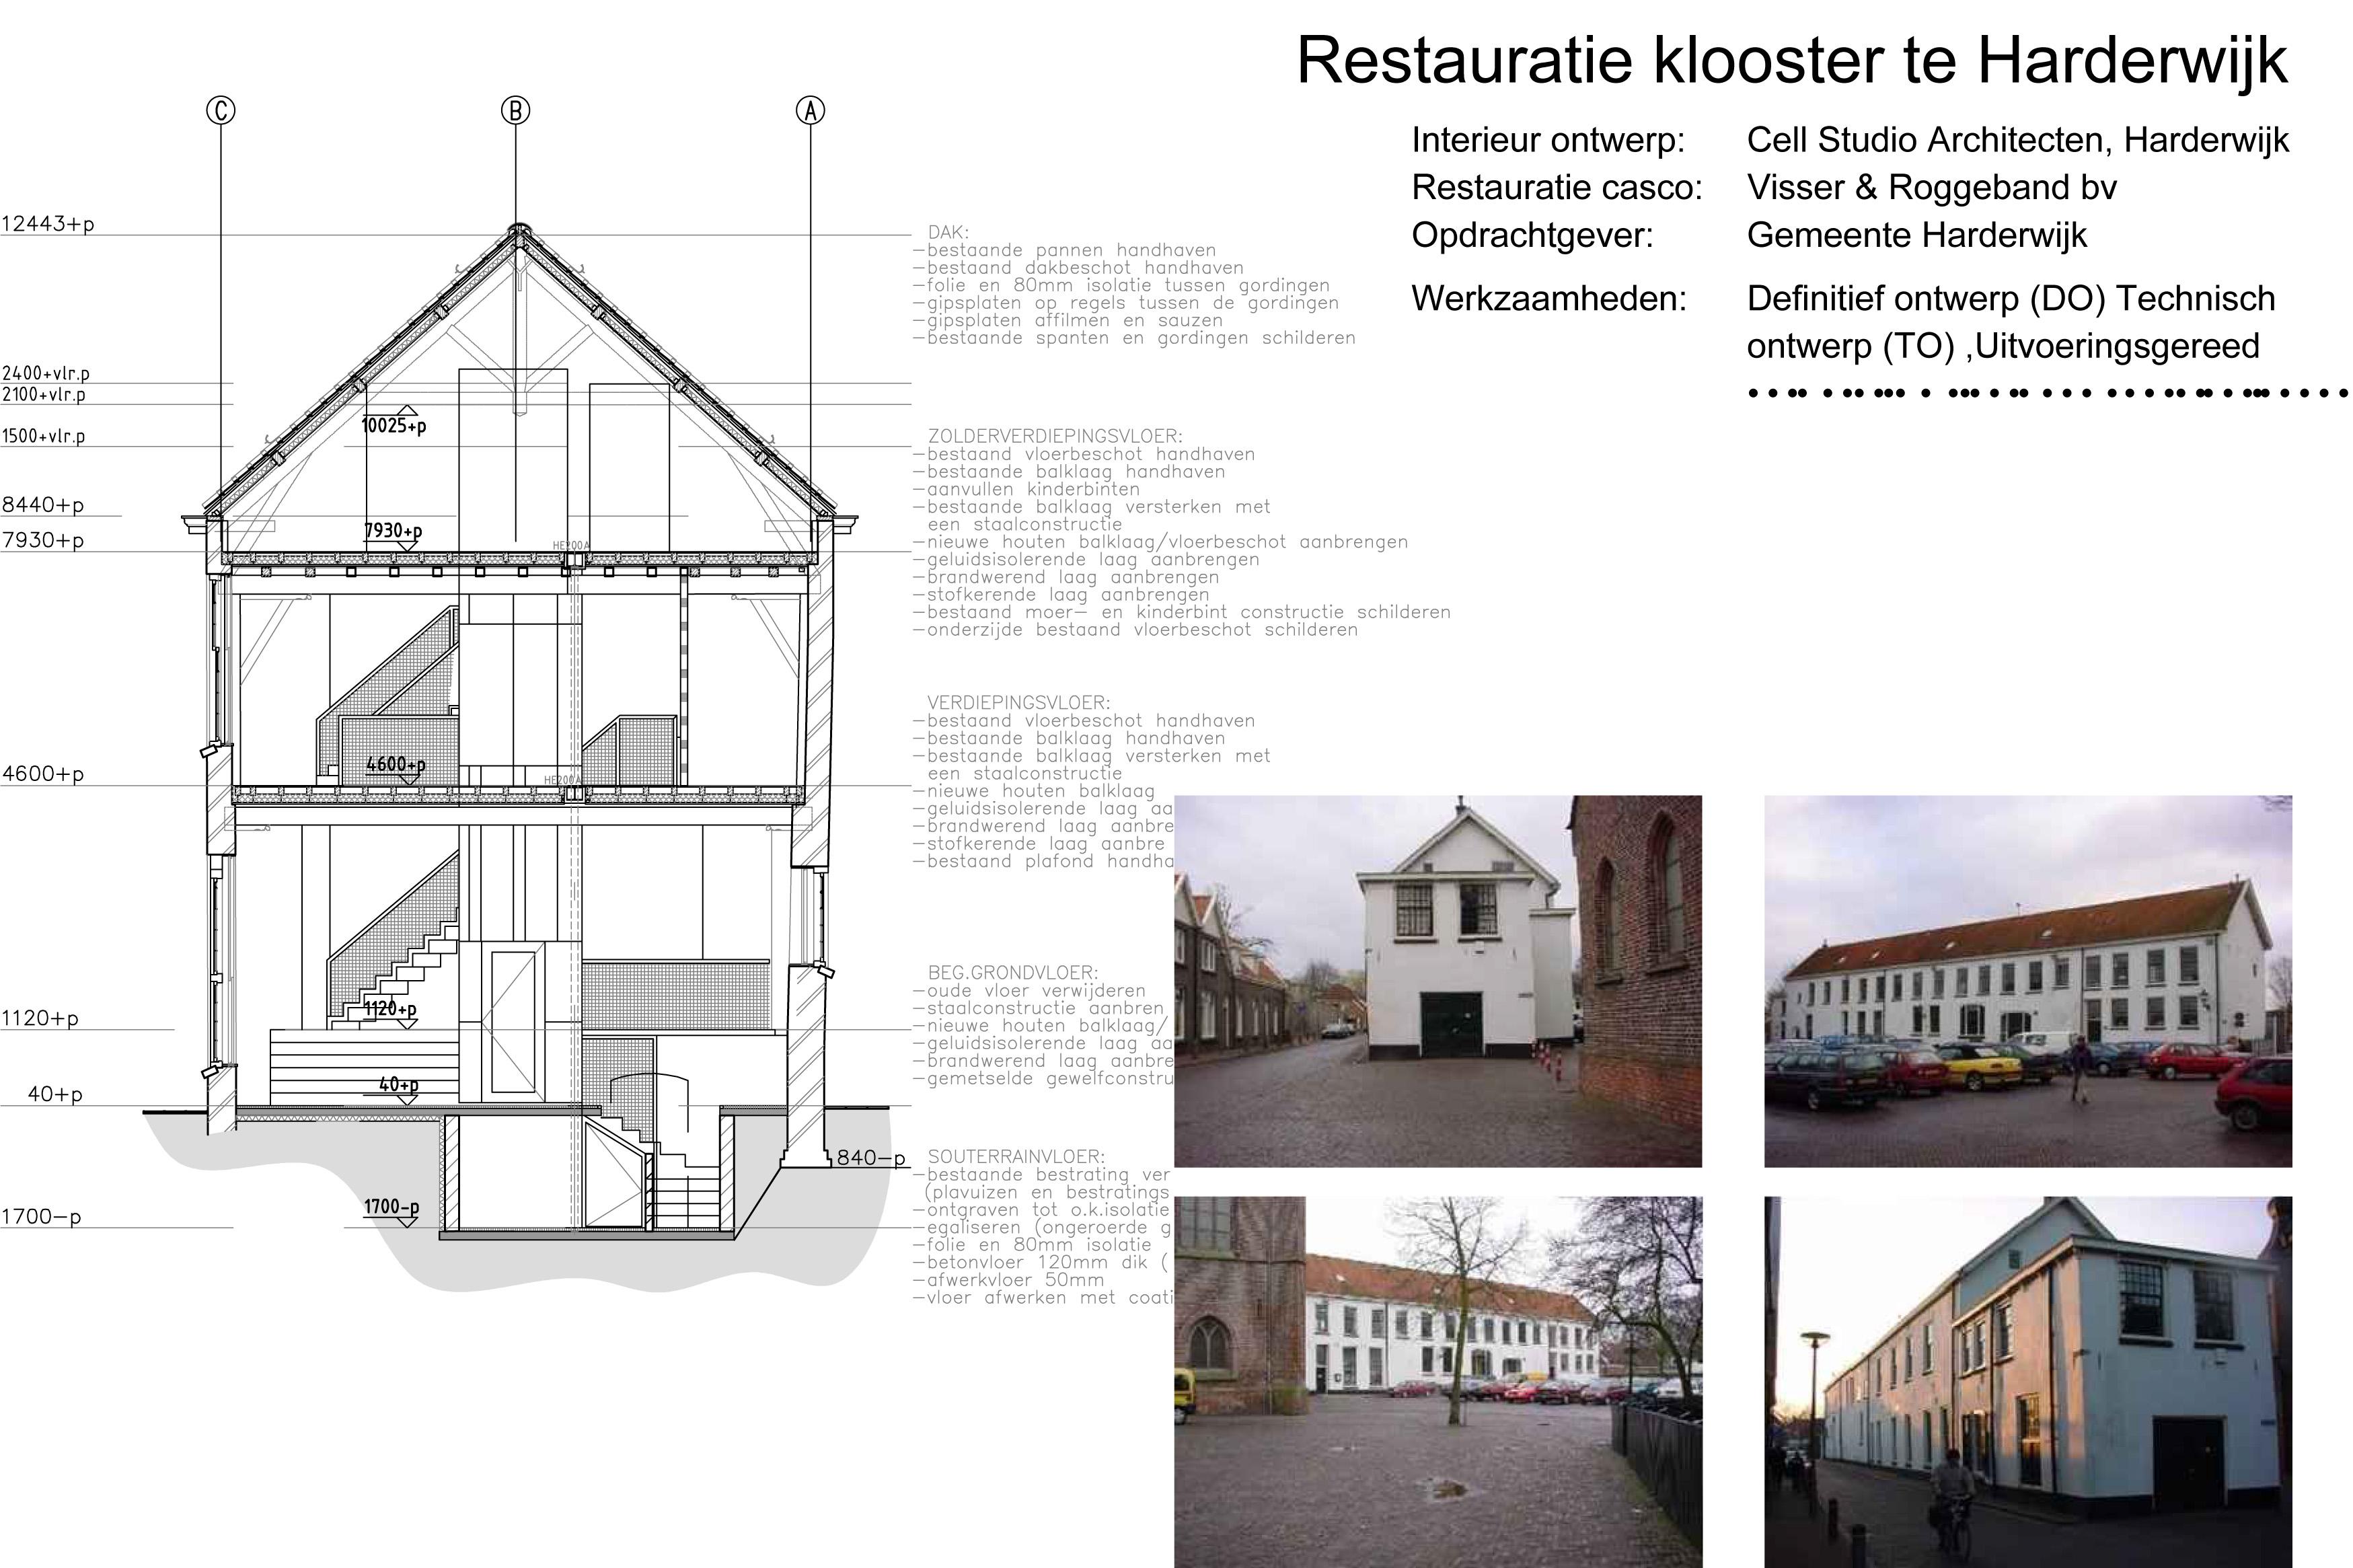 Restauratie Klooster Harderwijk